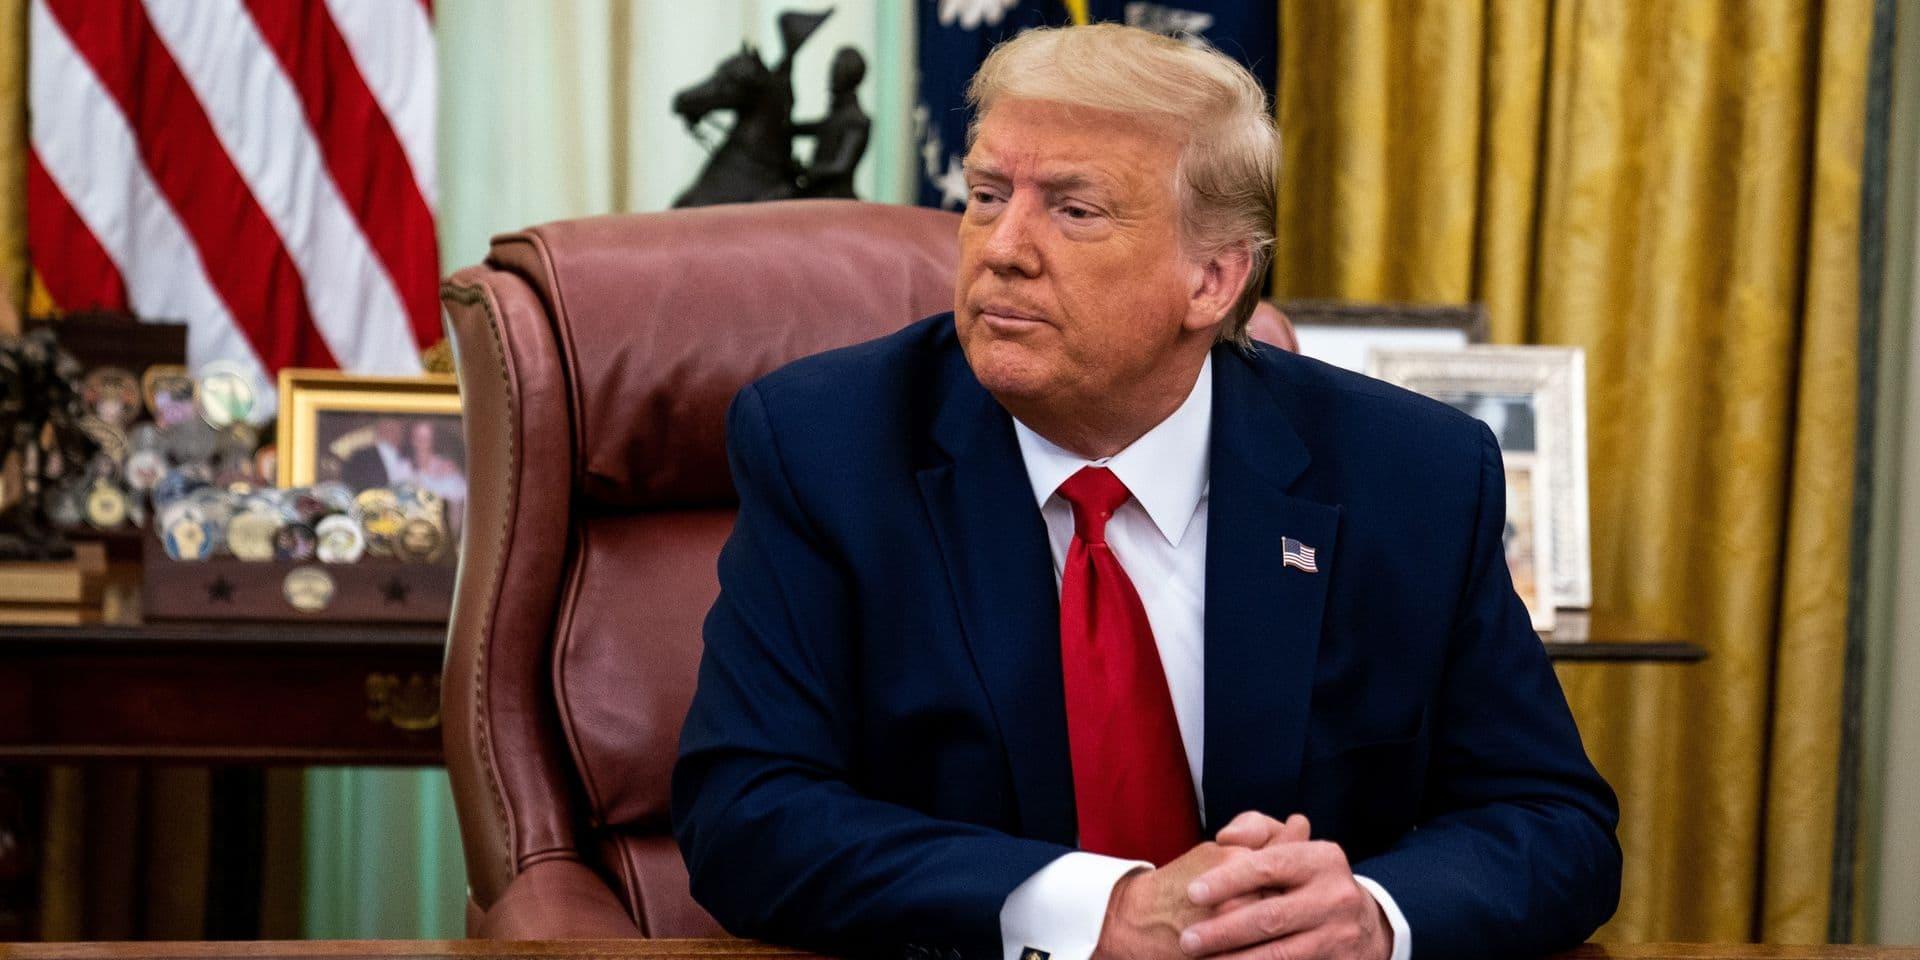 Ces deux portraits que Donald Trump ne voulait visiblement plus voir à l'intérieur de la Maison Blanche